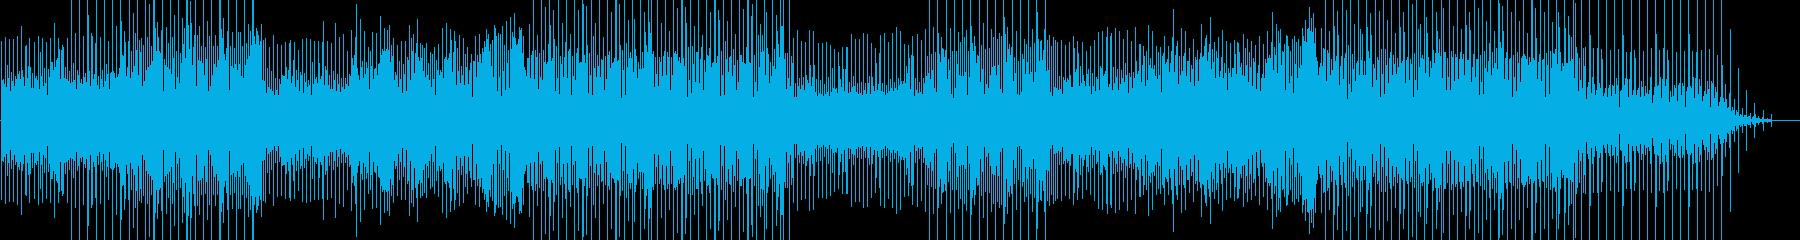 プログレッシブなハウスのEDM曲の再生済みの波形